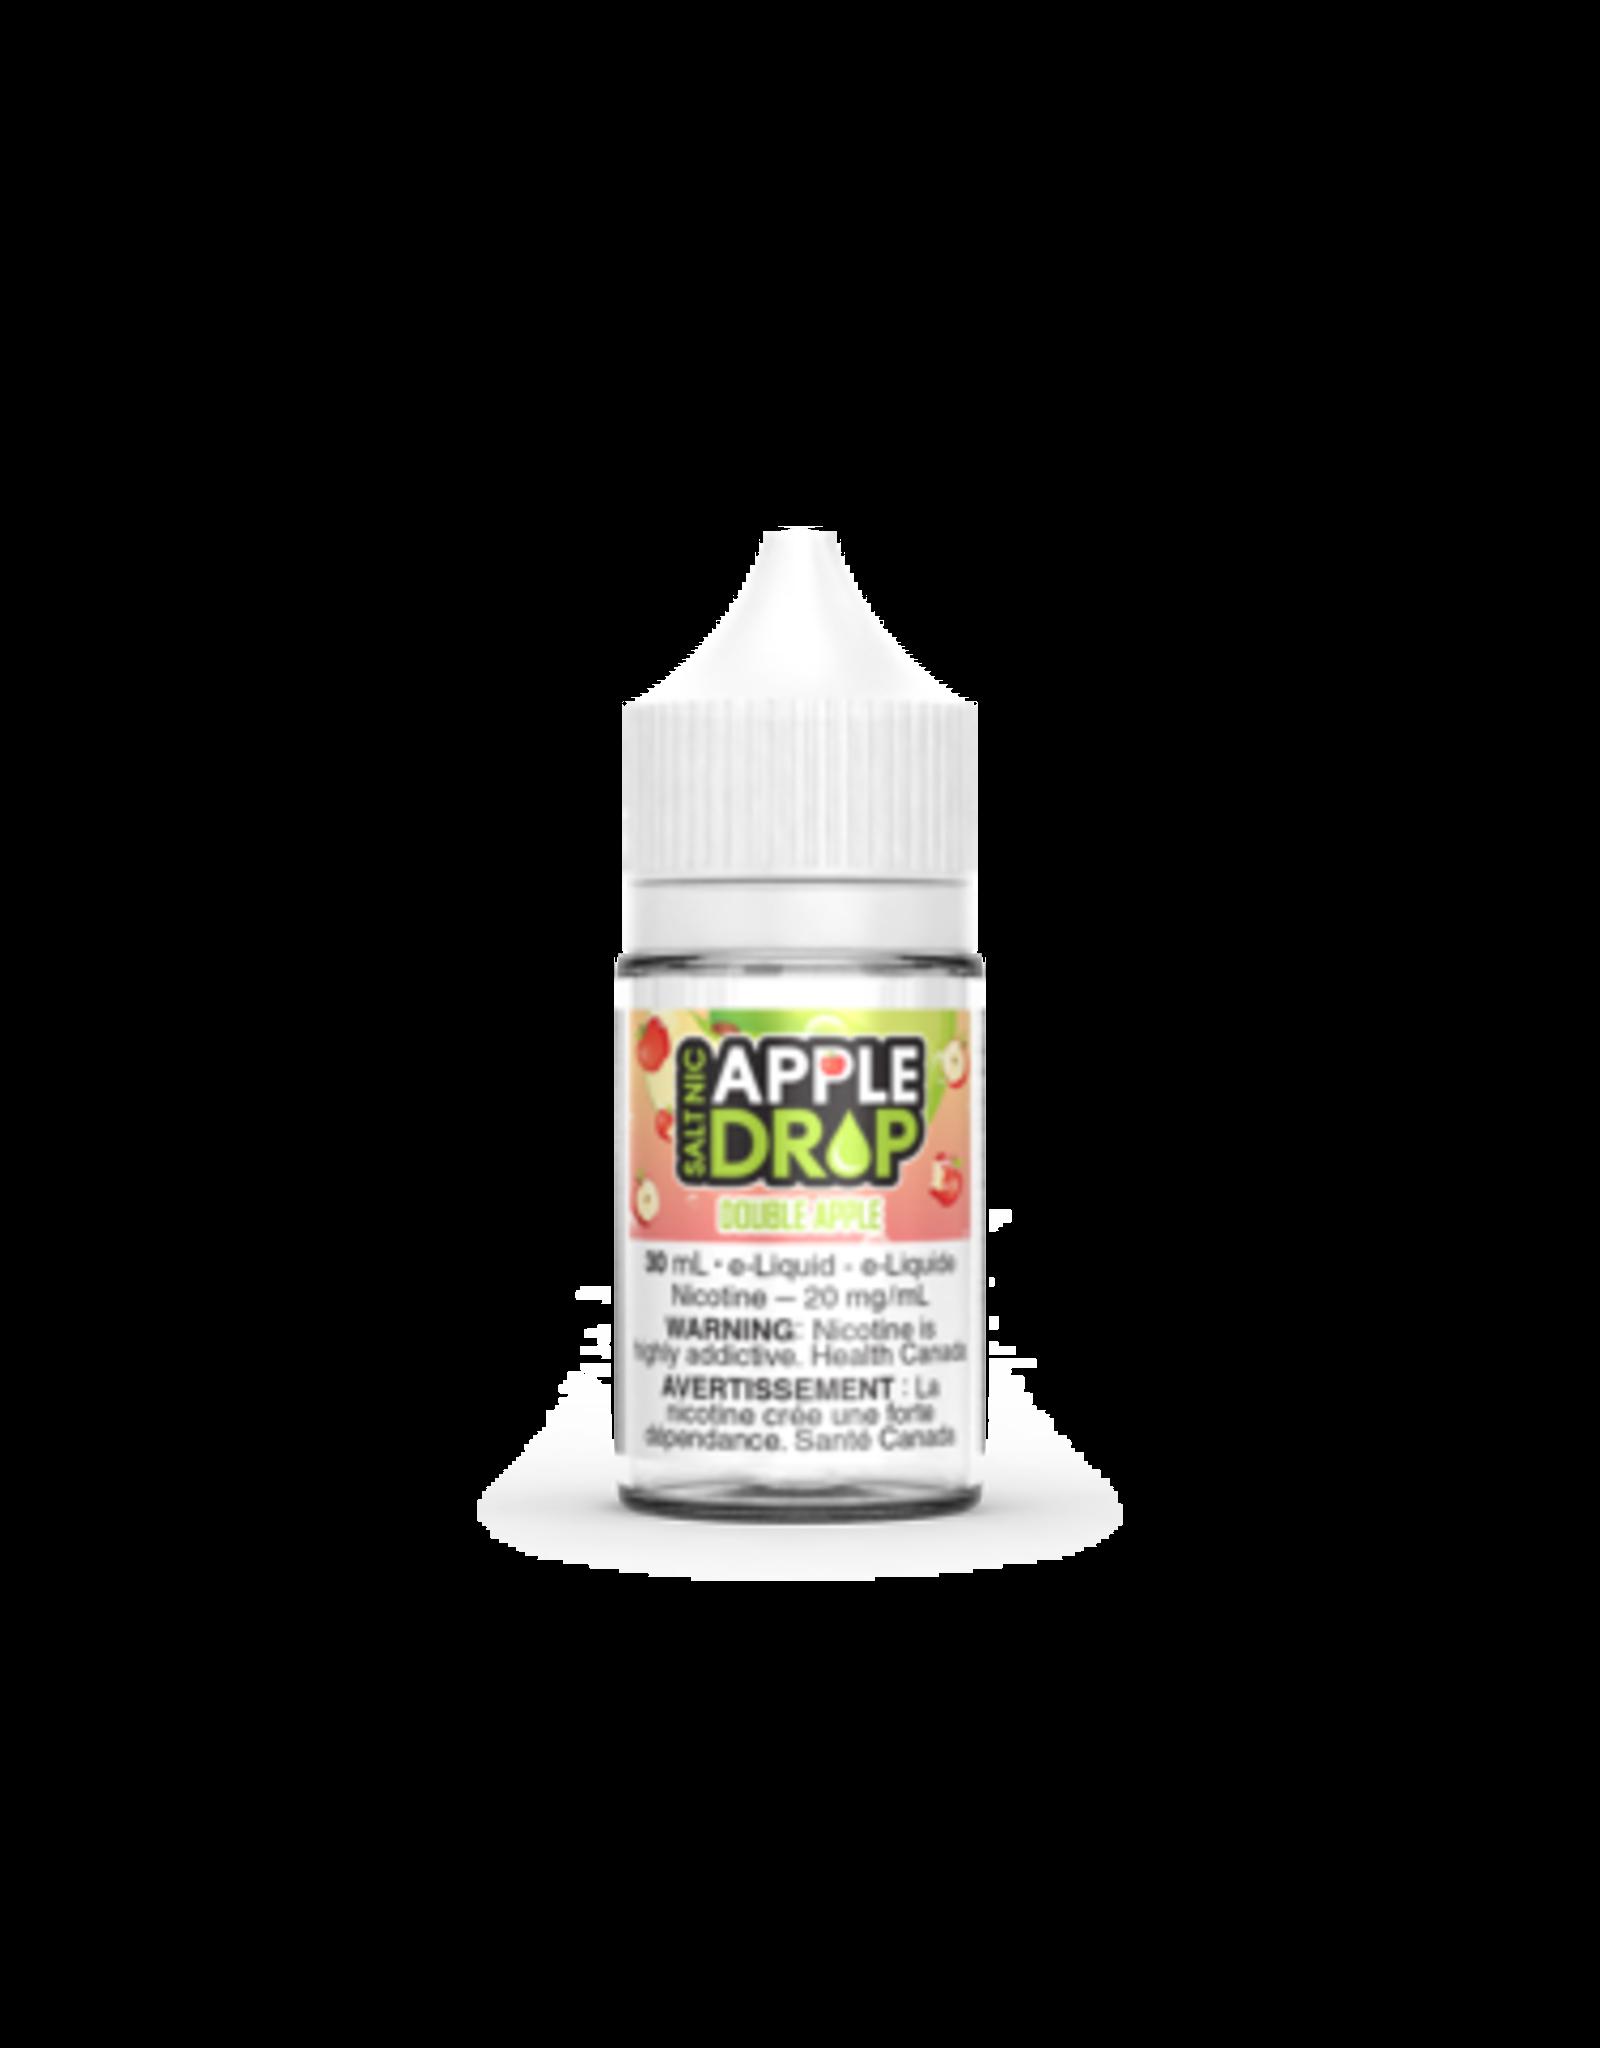 APPLE DROP SALT